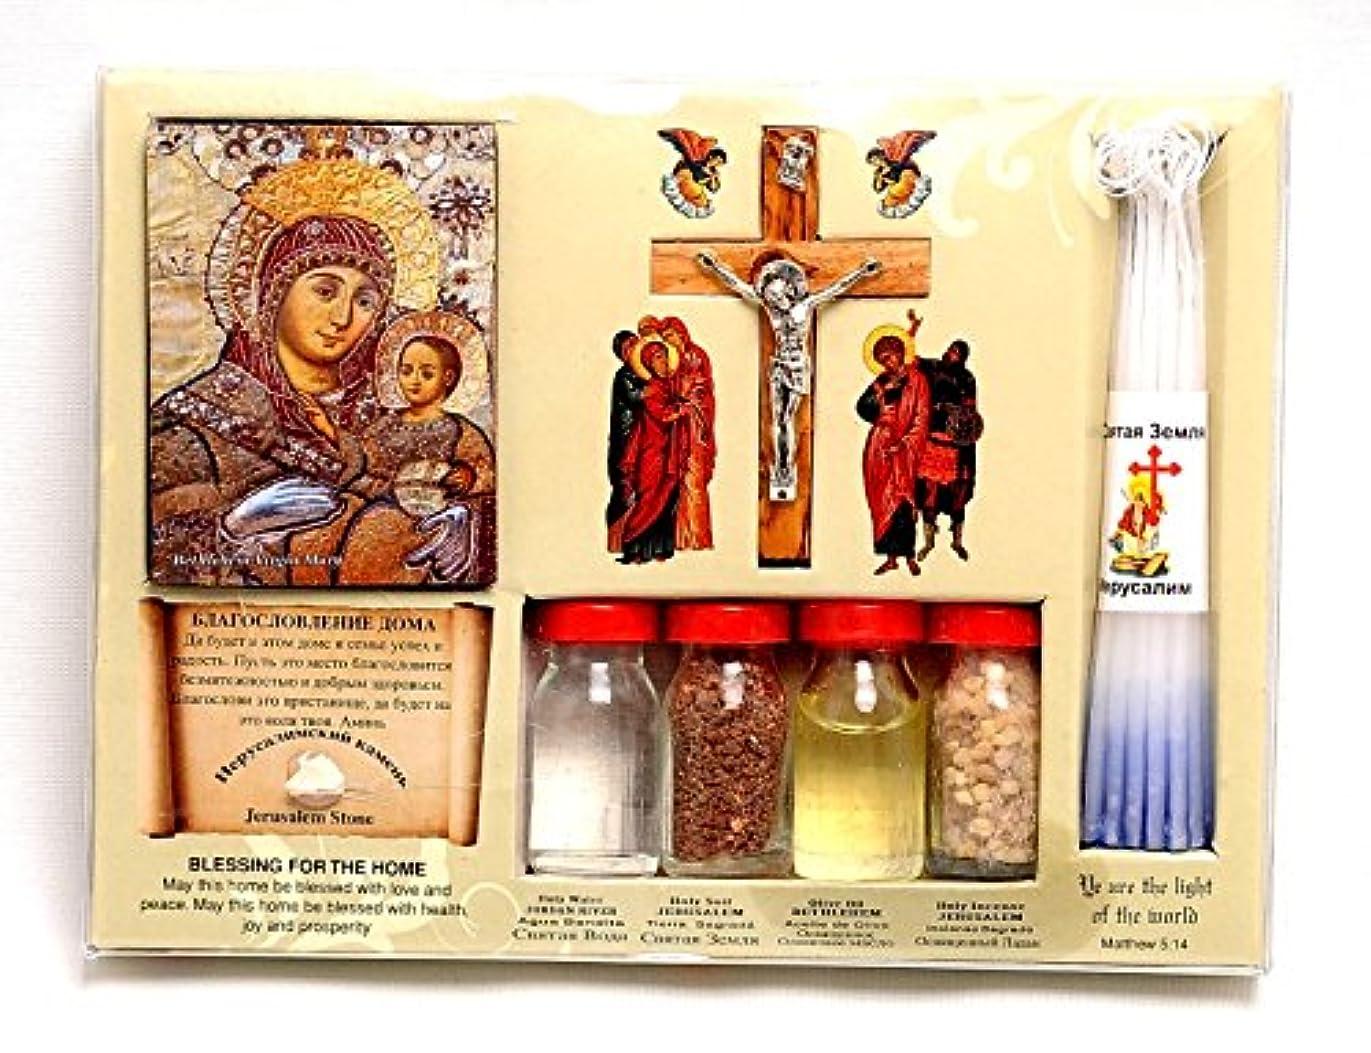 セージ葉っぱ変なホーム祝福キットボトル、クロス&キャンドルから聖地エルサレム